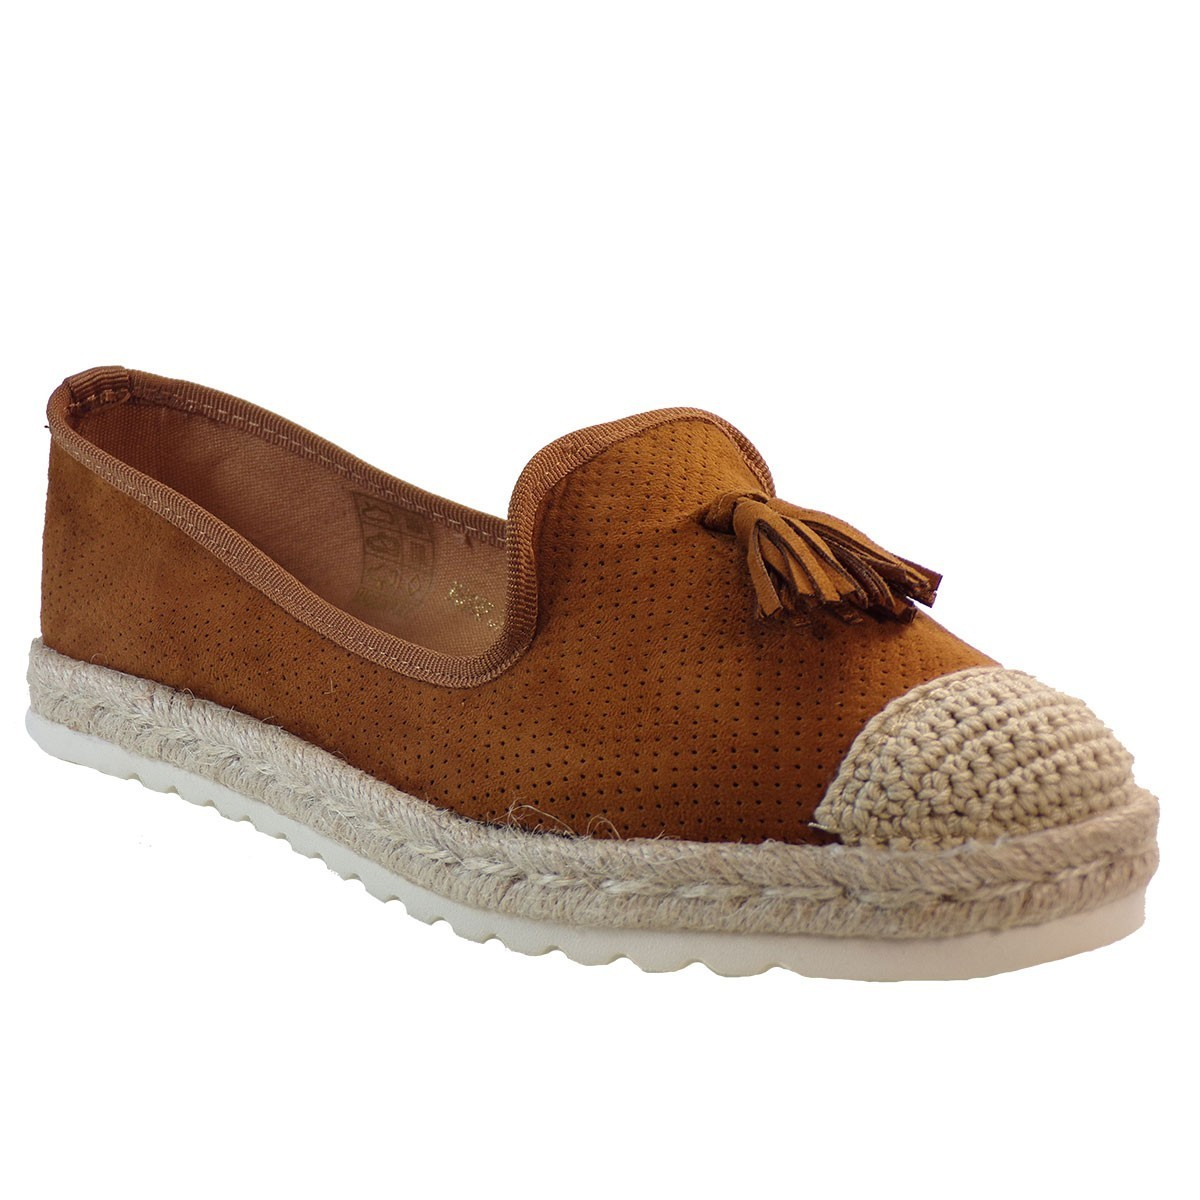 Bagiota shoes Εσπαντρίγιες Γυναικείες HD992 Καμέλ